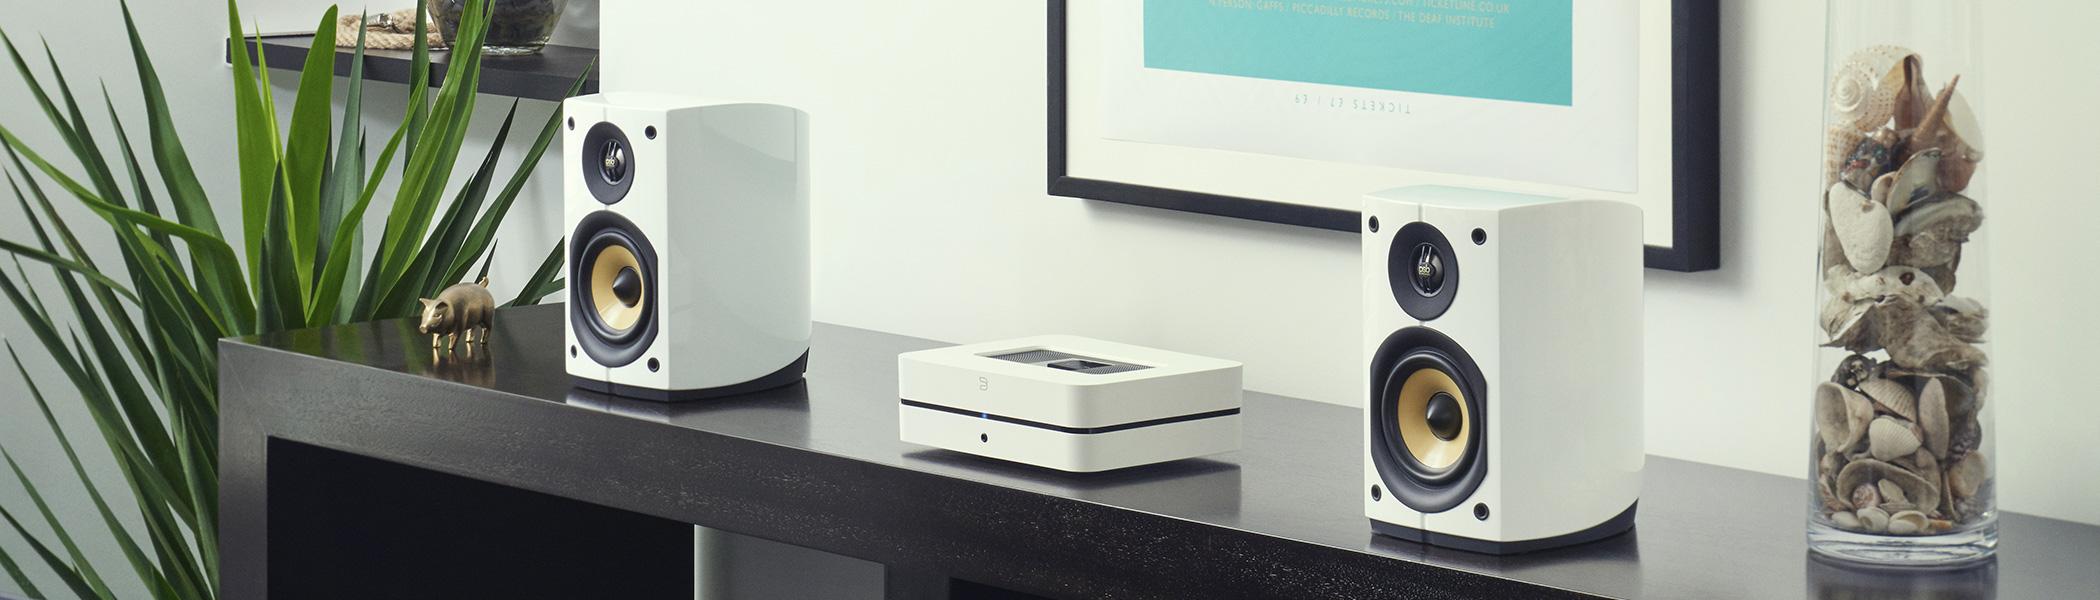 Powernode2-speakers.jpg